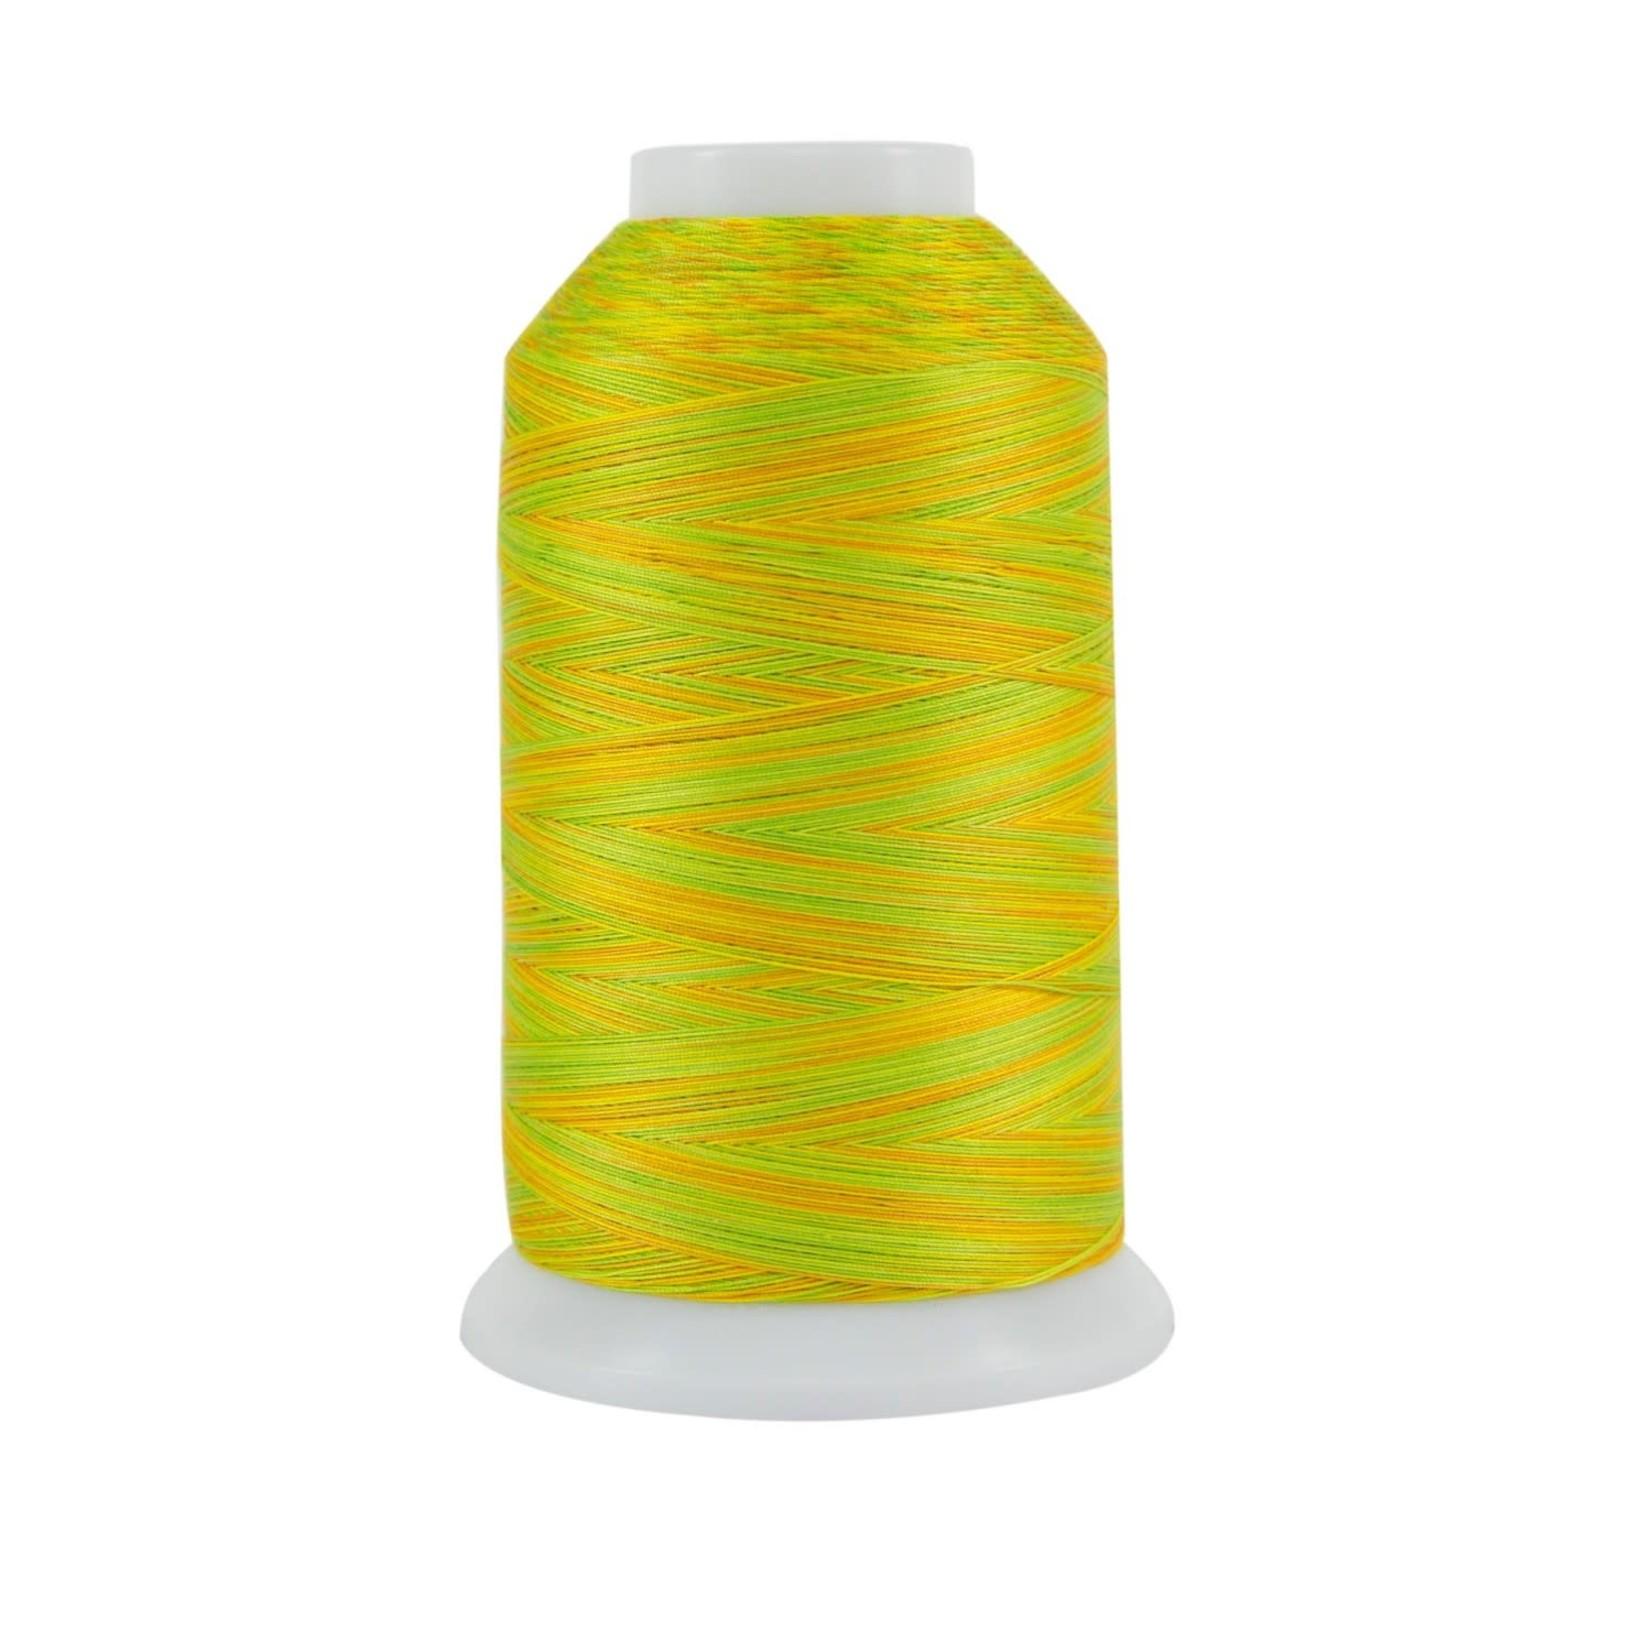 Superior Threads King Tut - #40 - 1828 m - 0934 Nile Delta